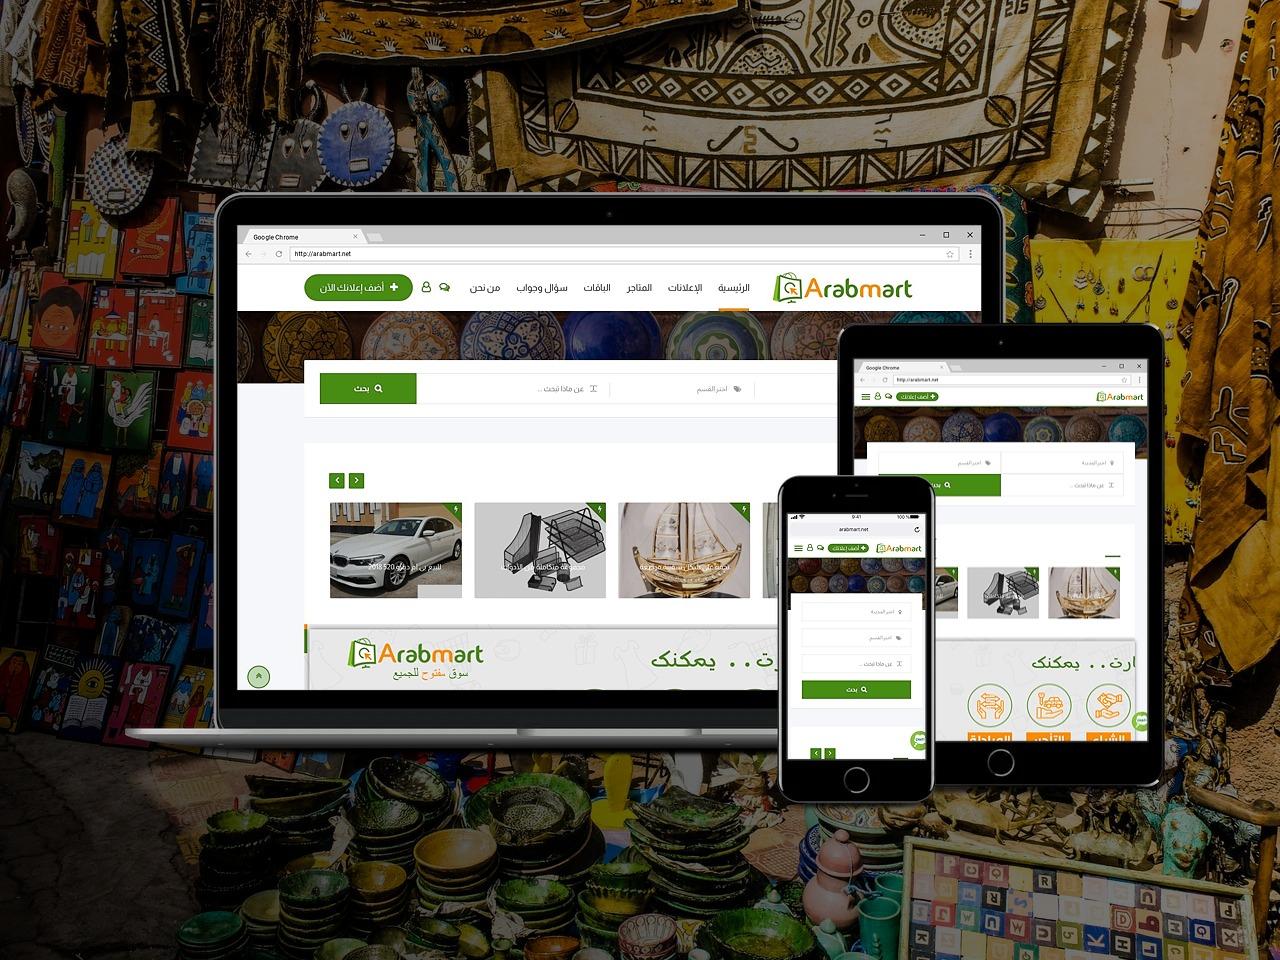 موقع عرب مارت - اعلانات مبوبة ومتاجر مصغرة